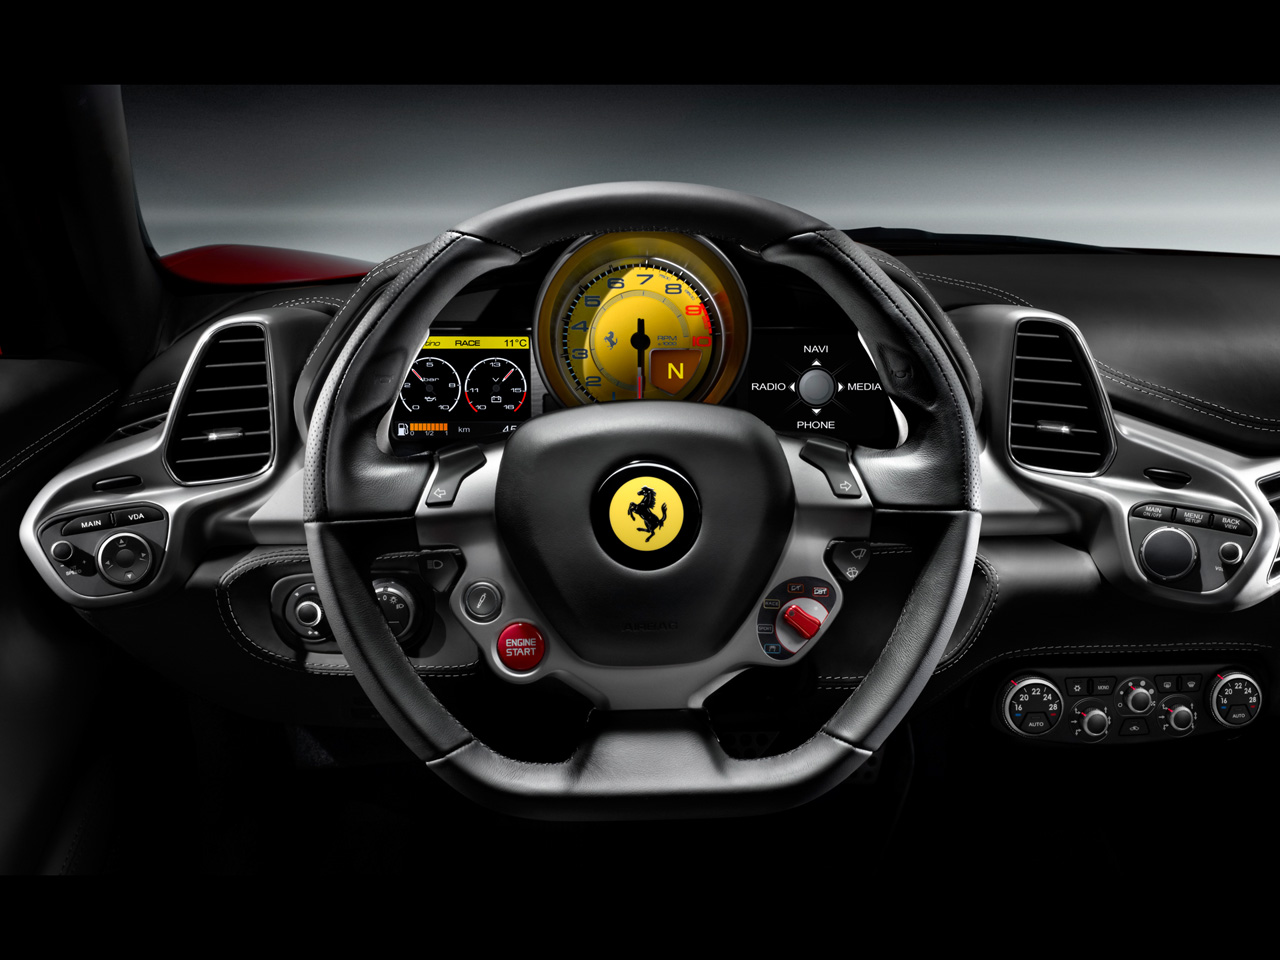 Carros Painel Ferrari F Pain Is De Super 276200 Wallpaper wallpaper